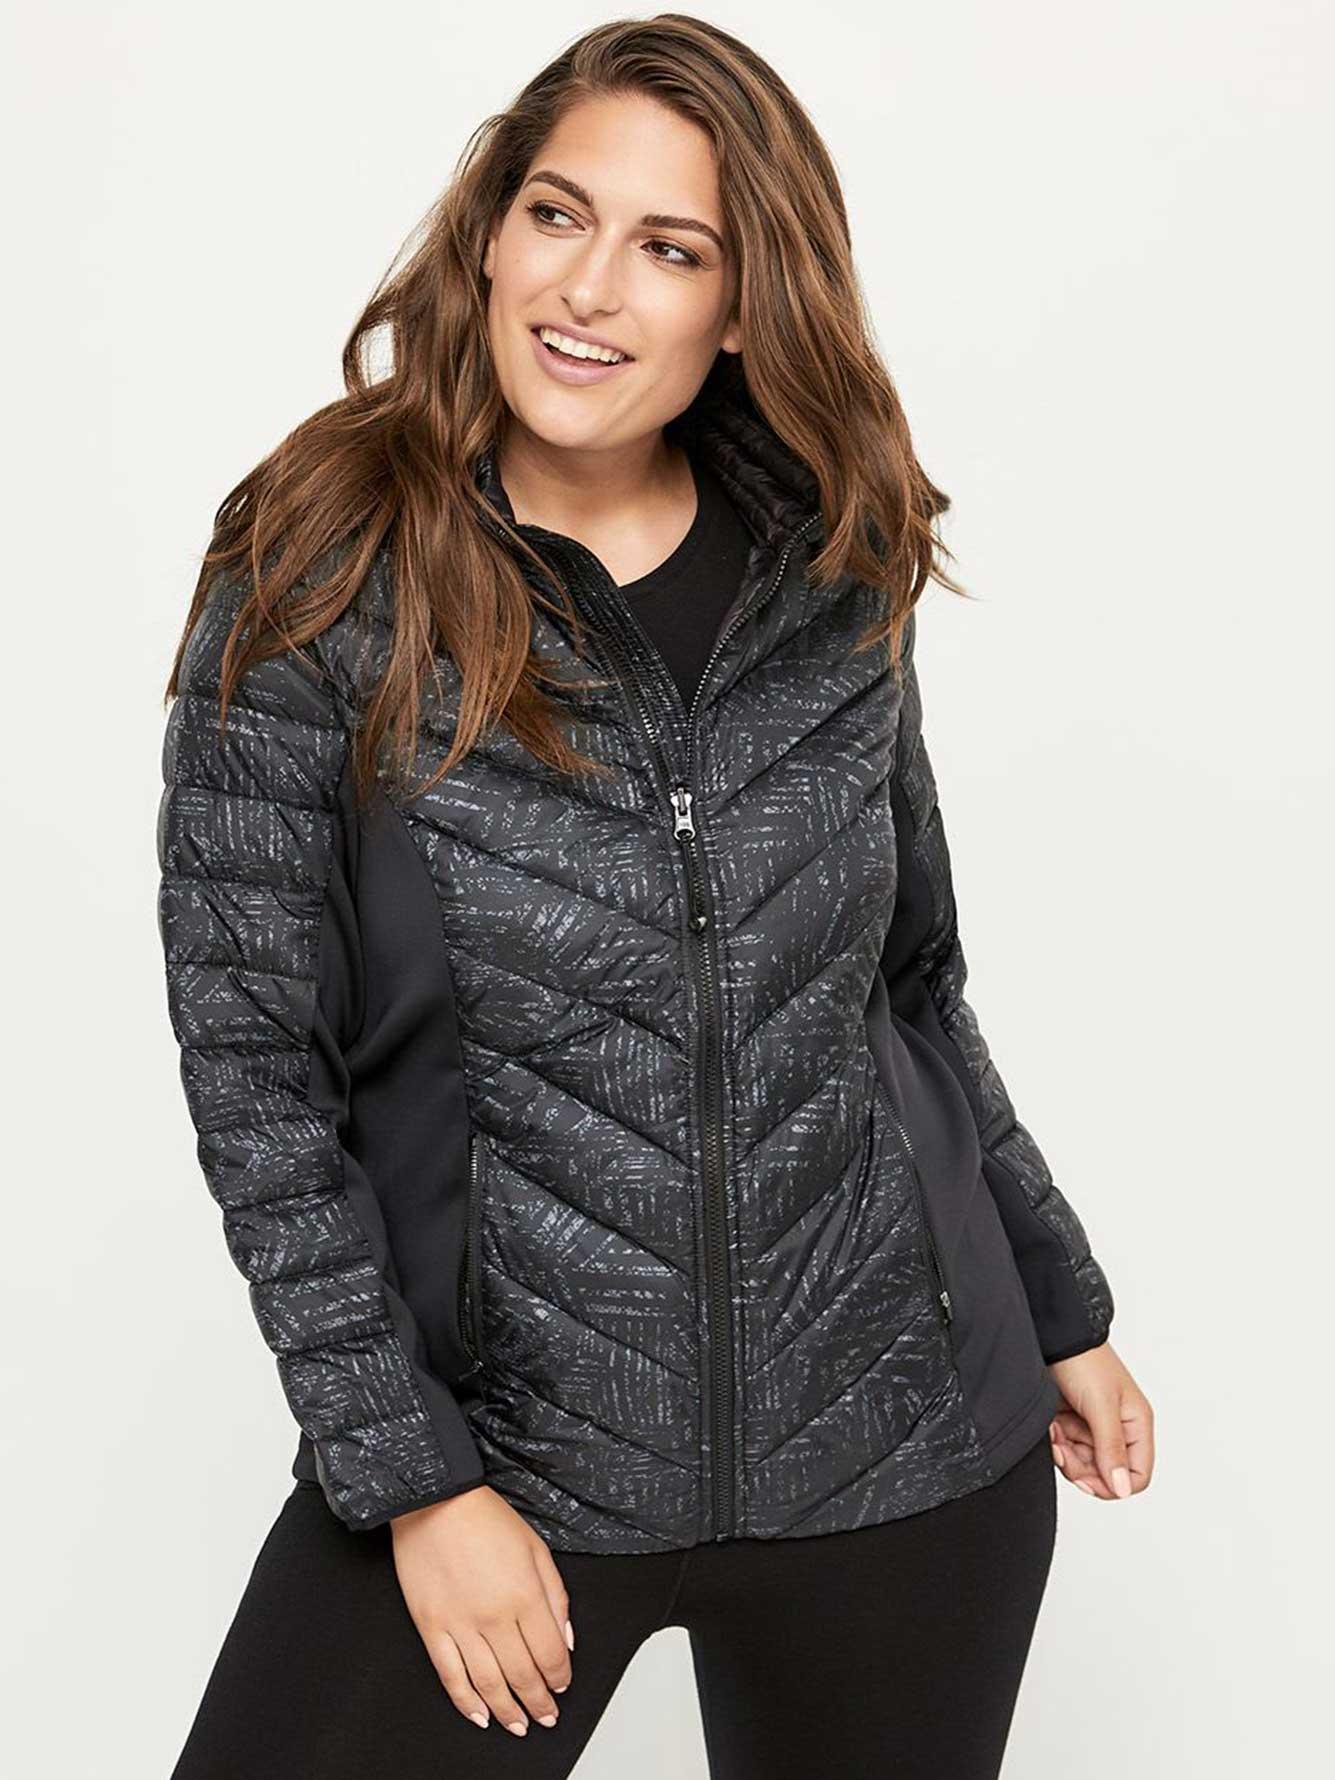 34e99a118b3c4 Packable Plus Size Hooded Jacket - ActiveZone